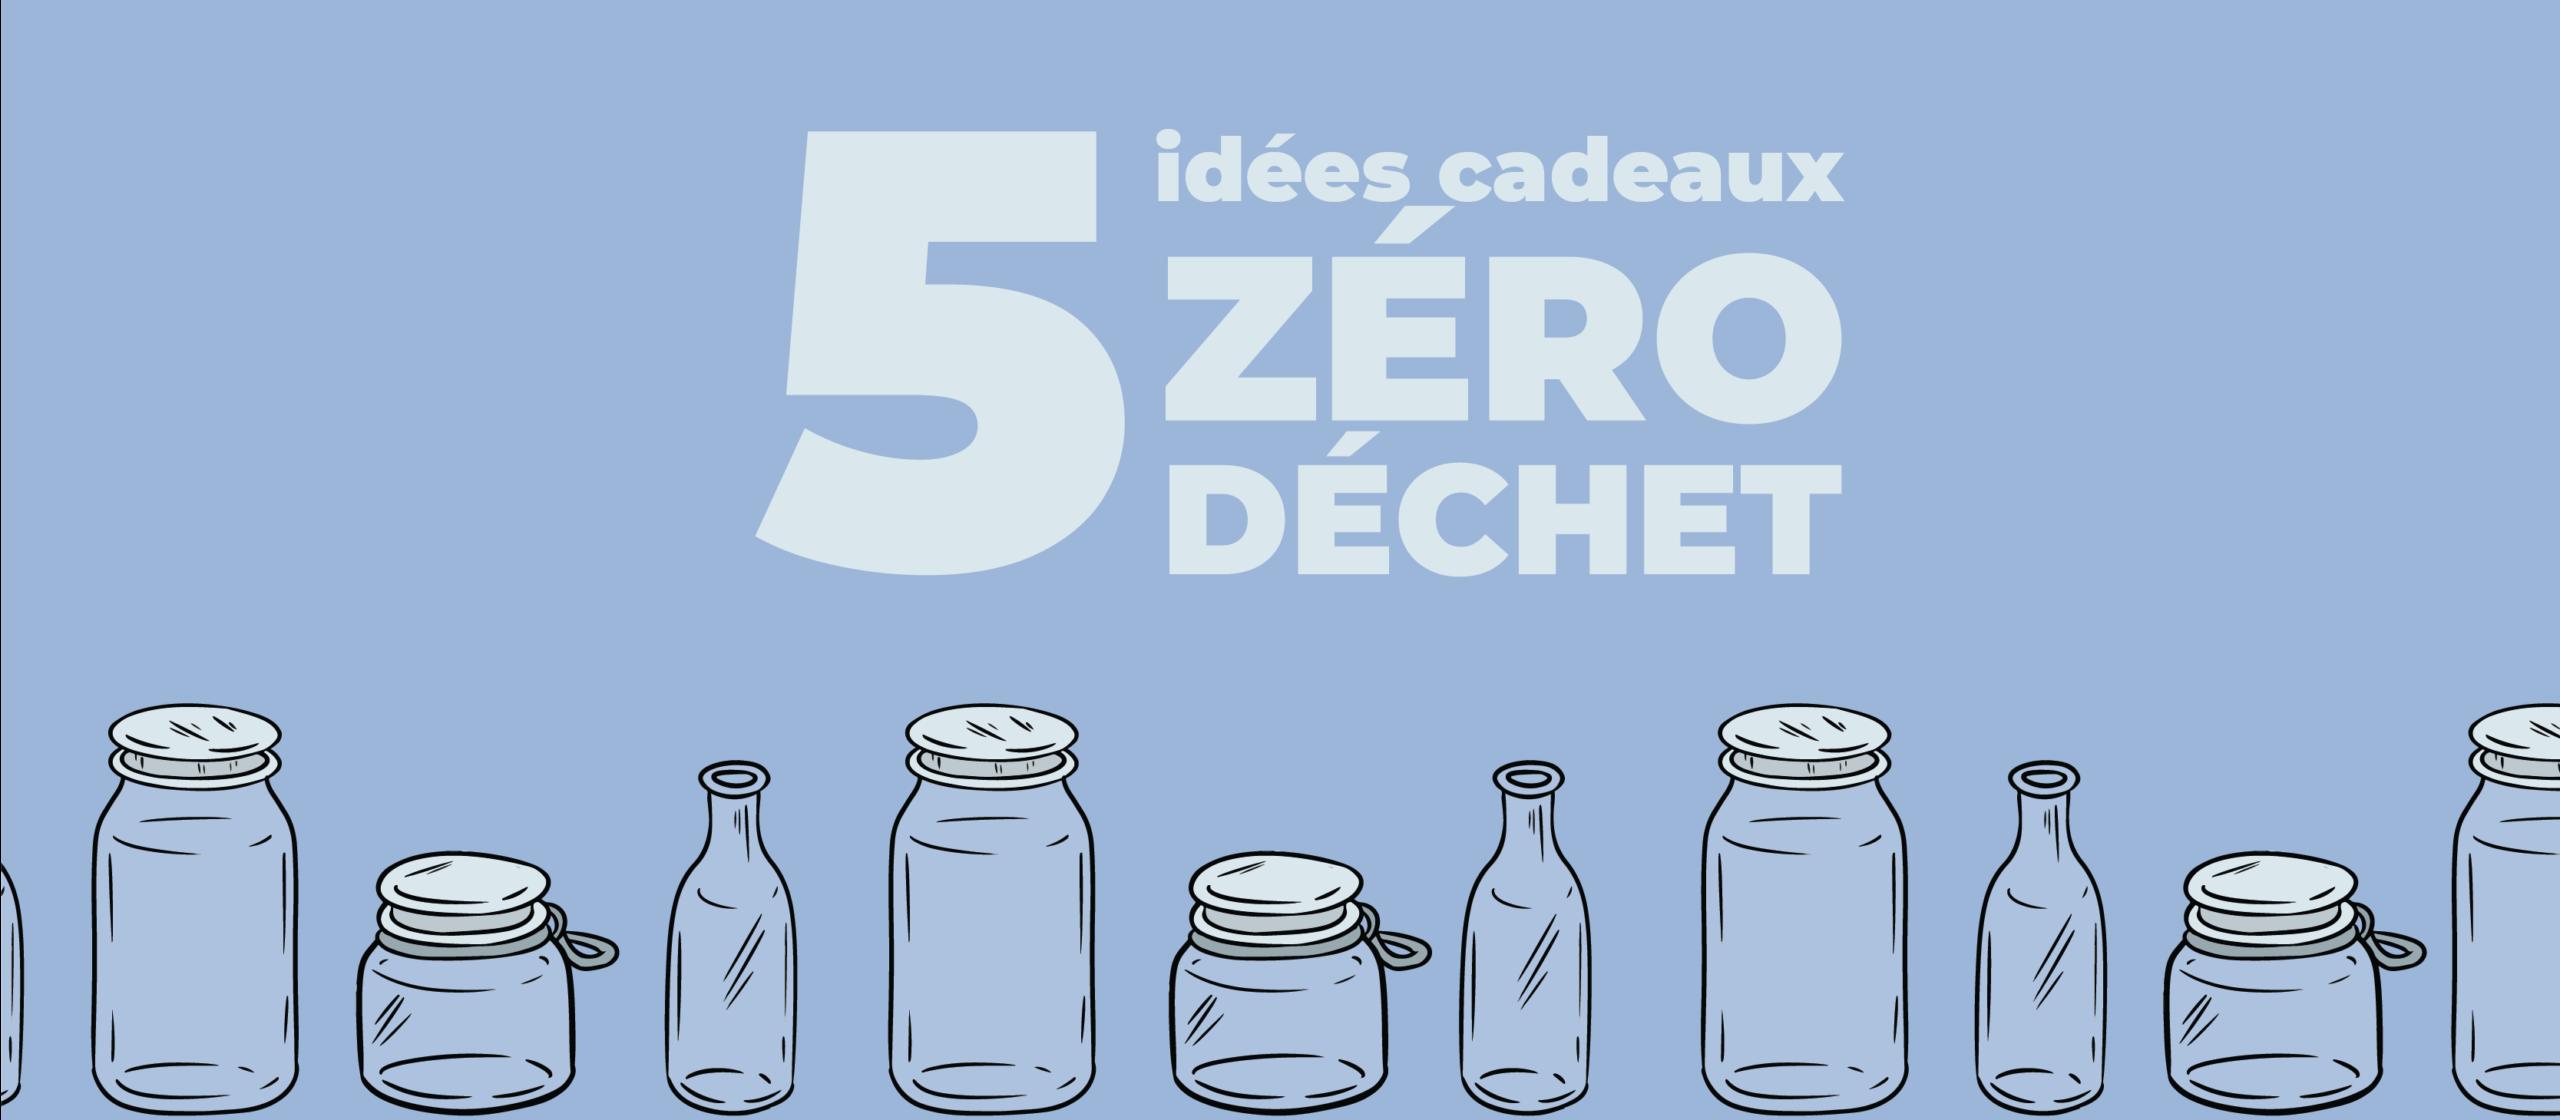 5 idées cadeaux zéro déchet